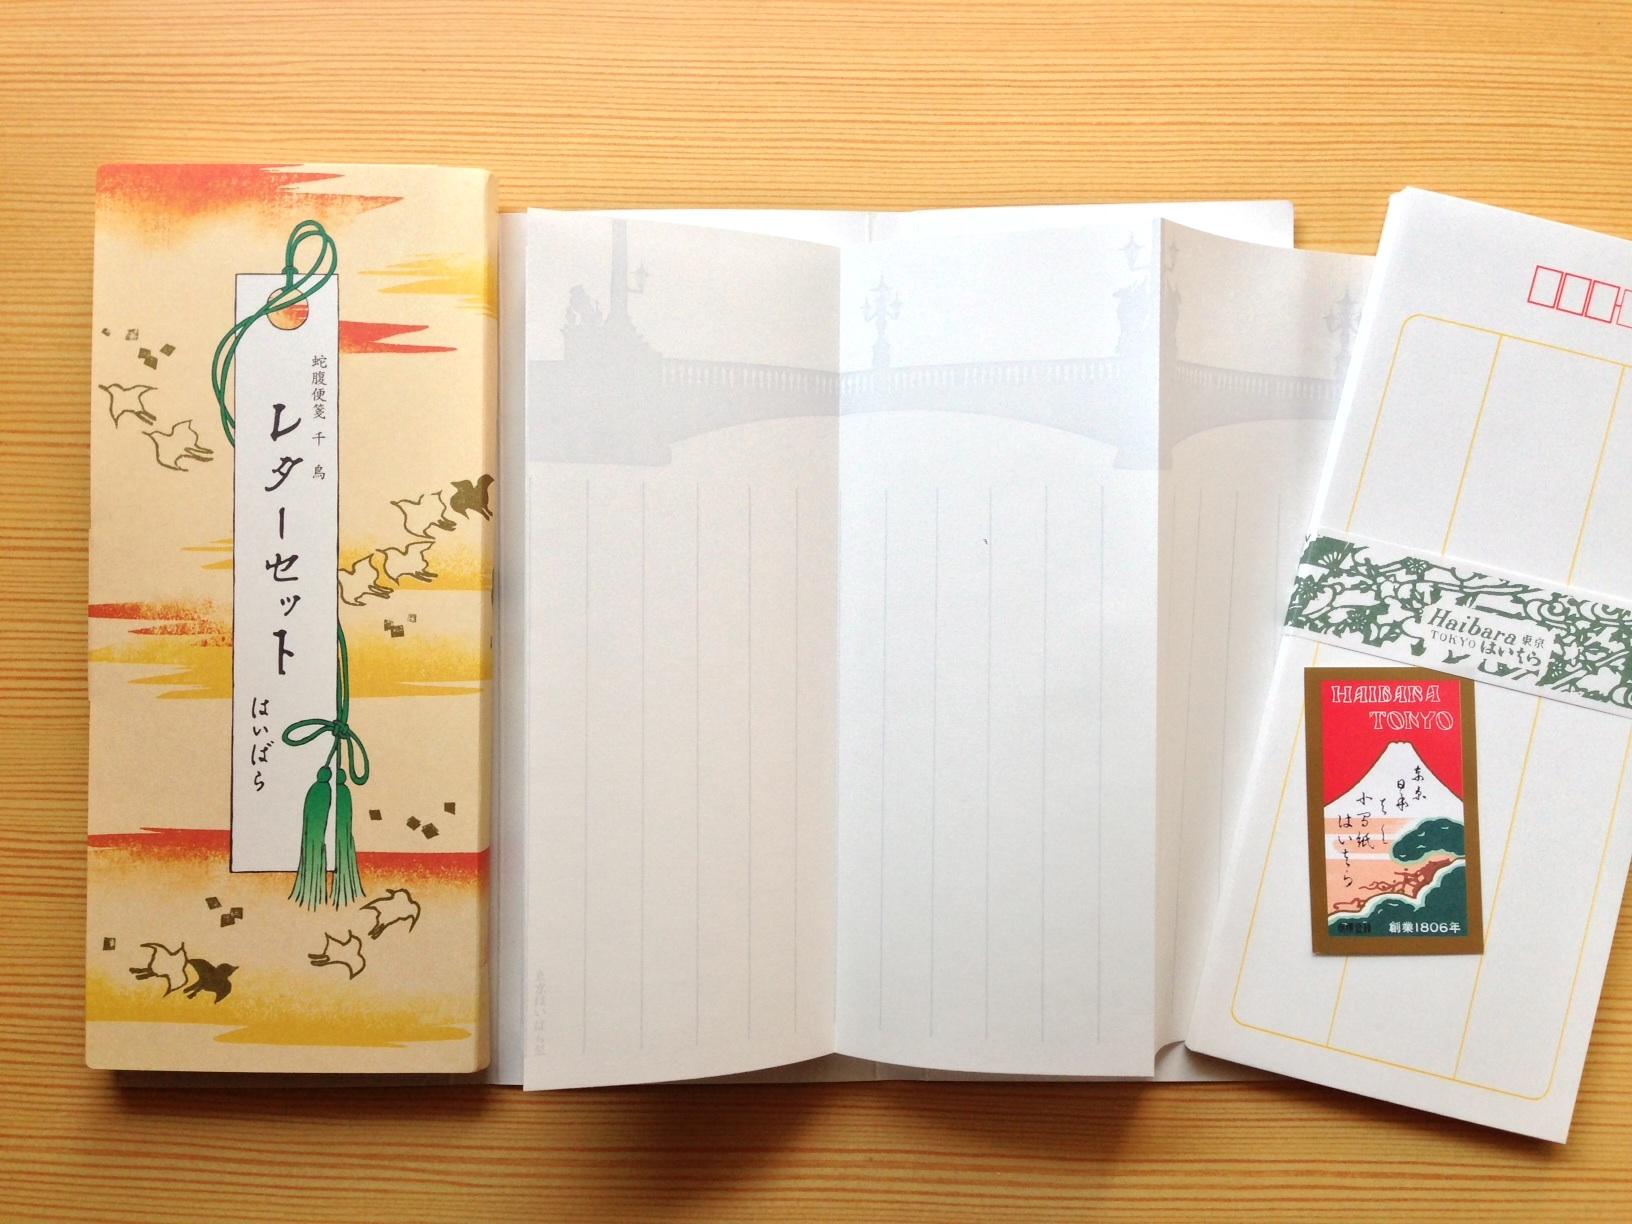 小日向京のひねもす文房具|第十回「榛原の蛇腹便箋レターセット」